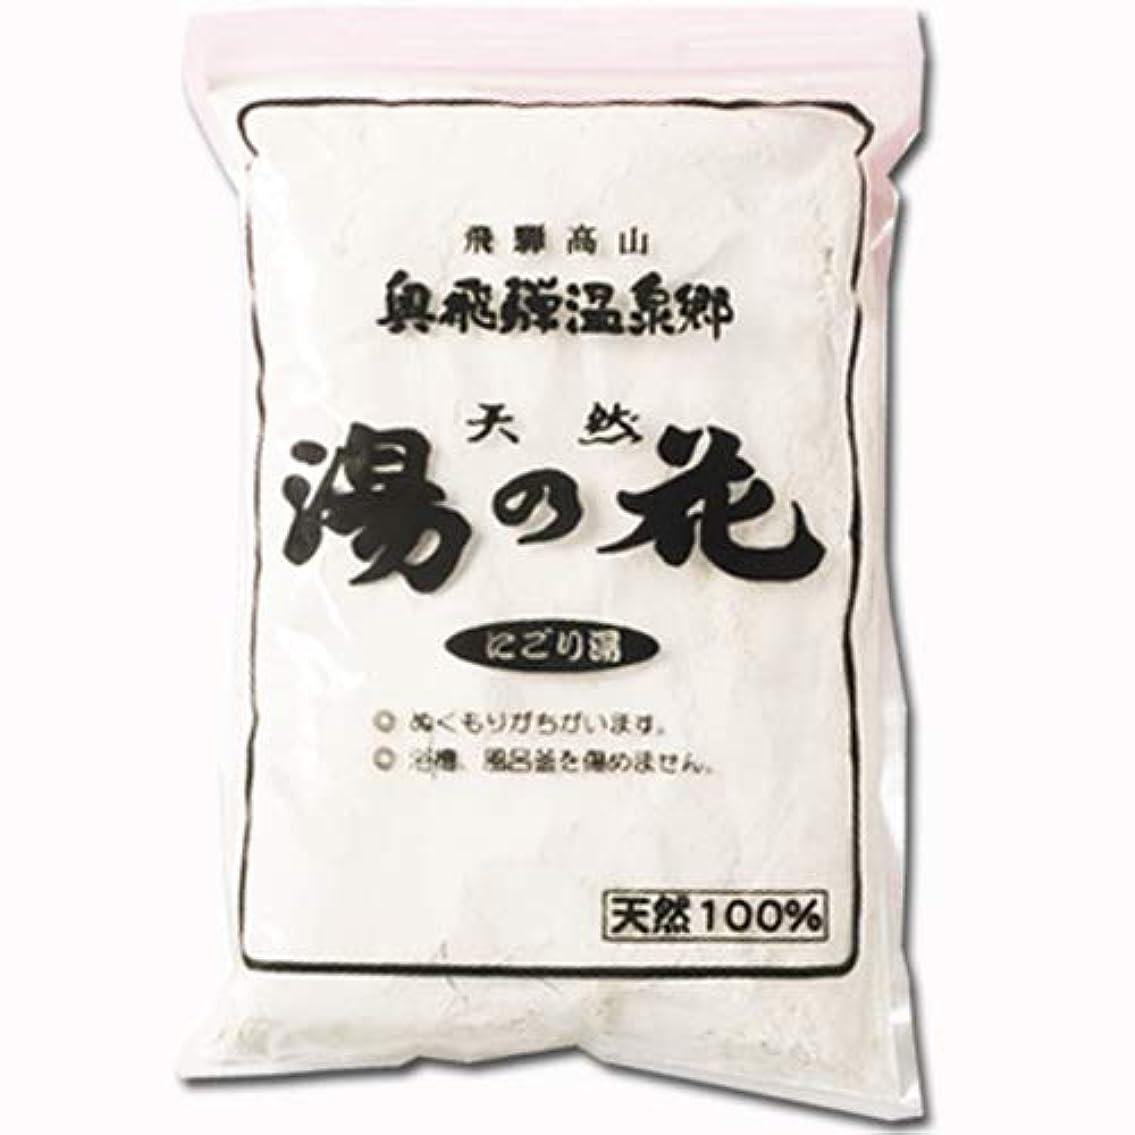 上陸限界命令的天然湯の花 (業務用) 1kg (飛騨高山温泉郷 にごり湯)